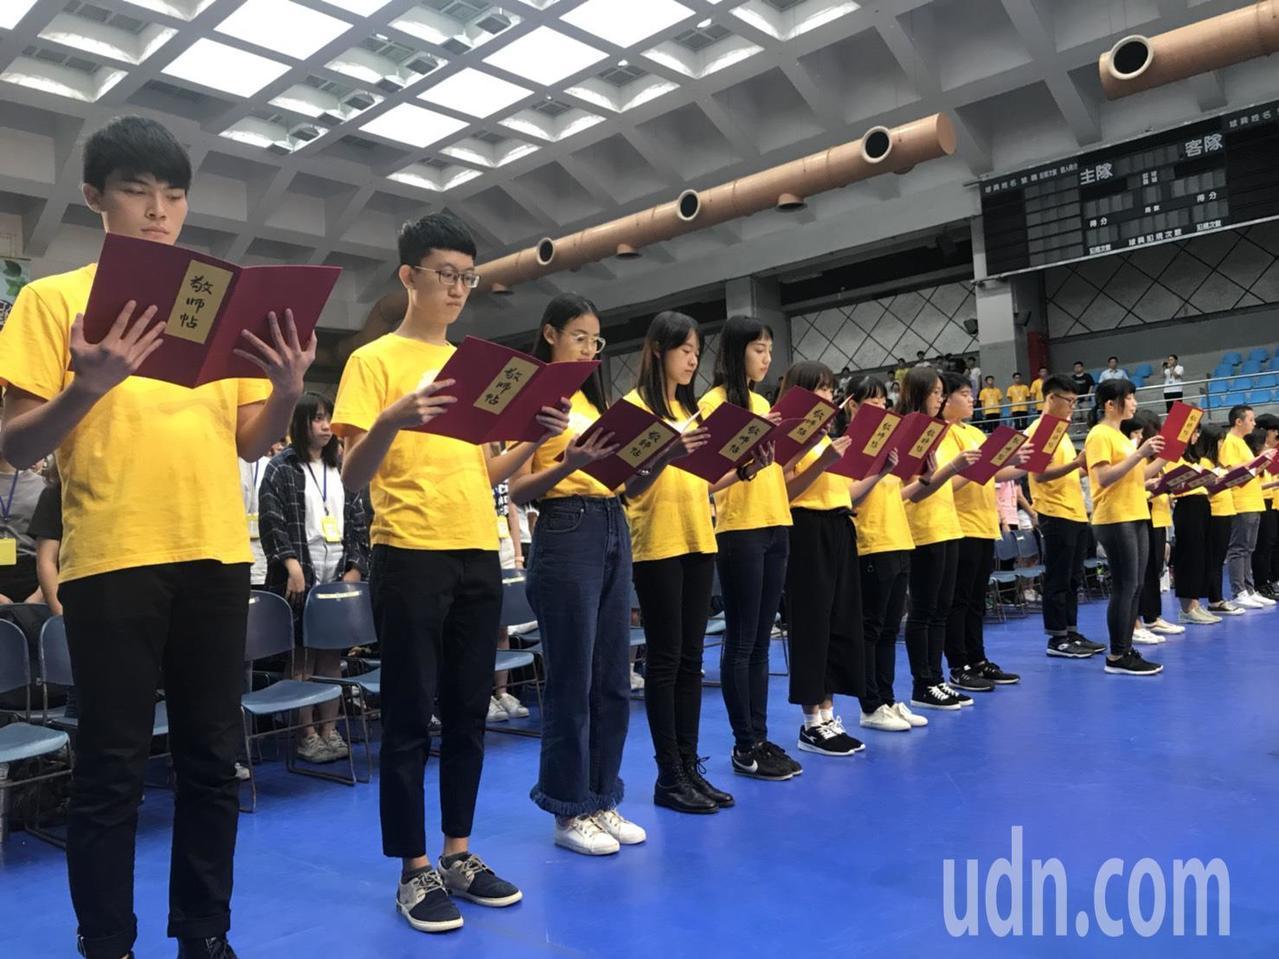 台灣師範大學今天開始為期四天的伯樂大學堂新生營。記者馮靖惠/攝影